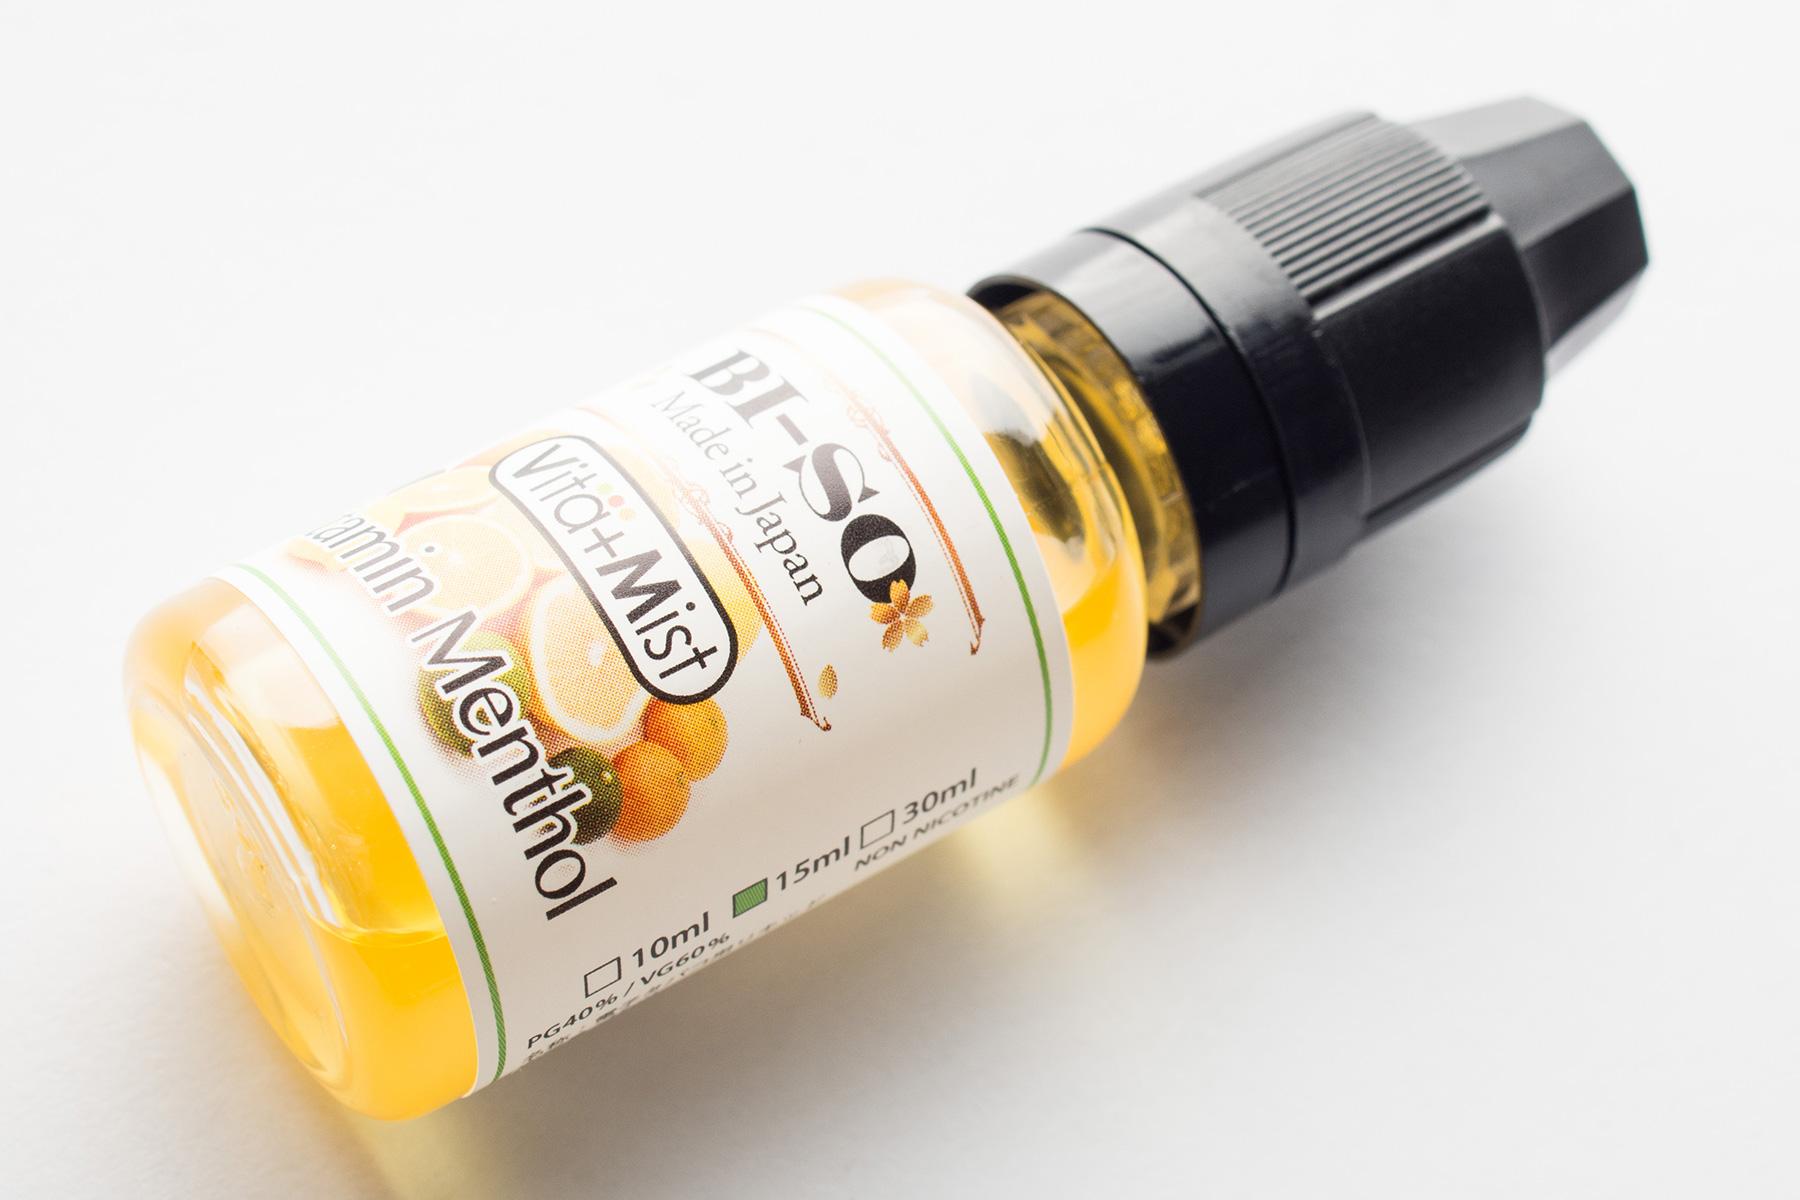 【リキッド】Vitamin Menthol Vita+Mist「ビタミンメンソール ビタミスト」 (BI-SO/ビソ) レビュー